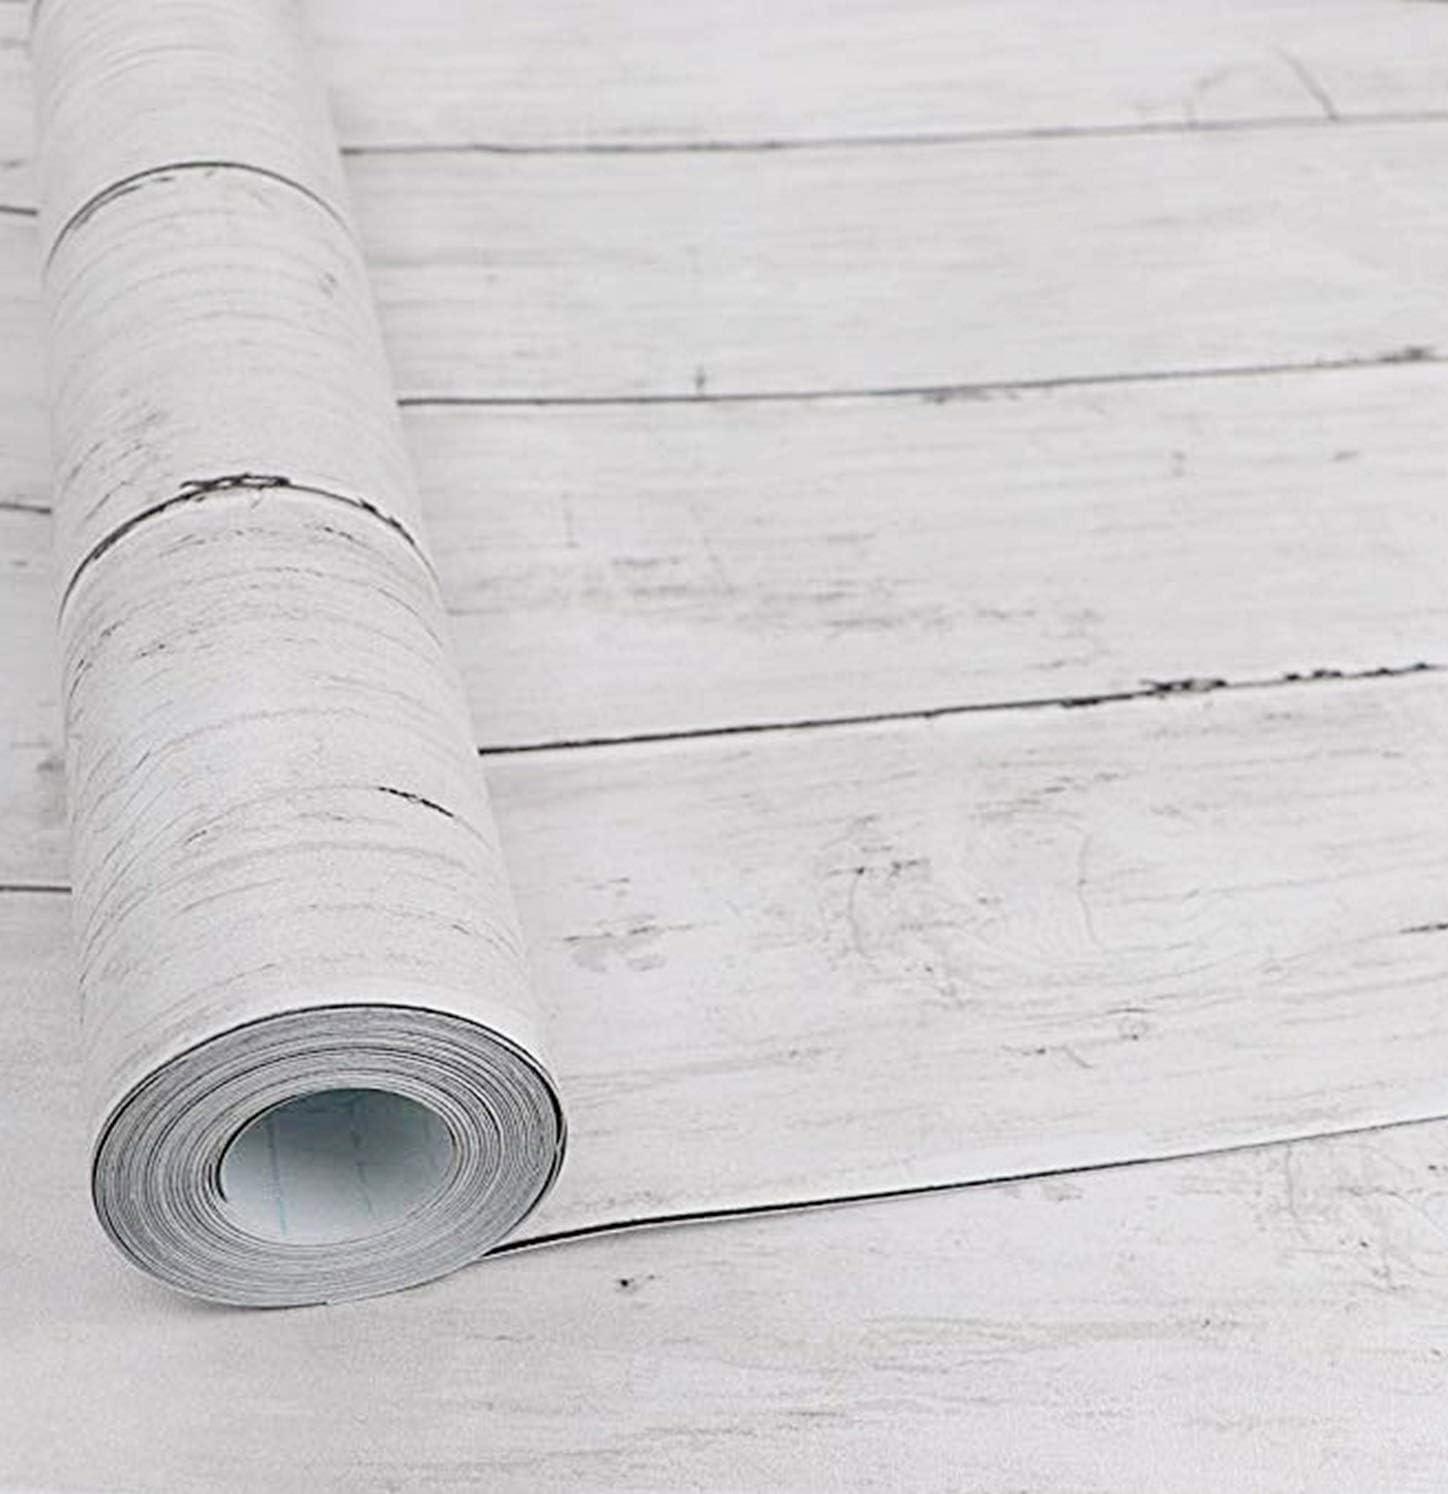 Amazon Isdy 壁紙 シール はがせる 壁紙 リメイク シート リフォーム ウォール ステッカー カッティング 幅45cm 長さ 10m 白 楓 木目 Diy 工具 ガーデン